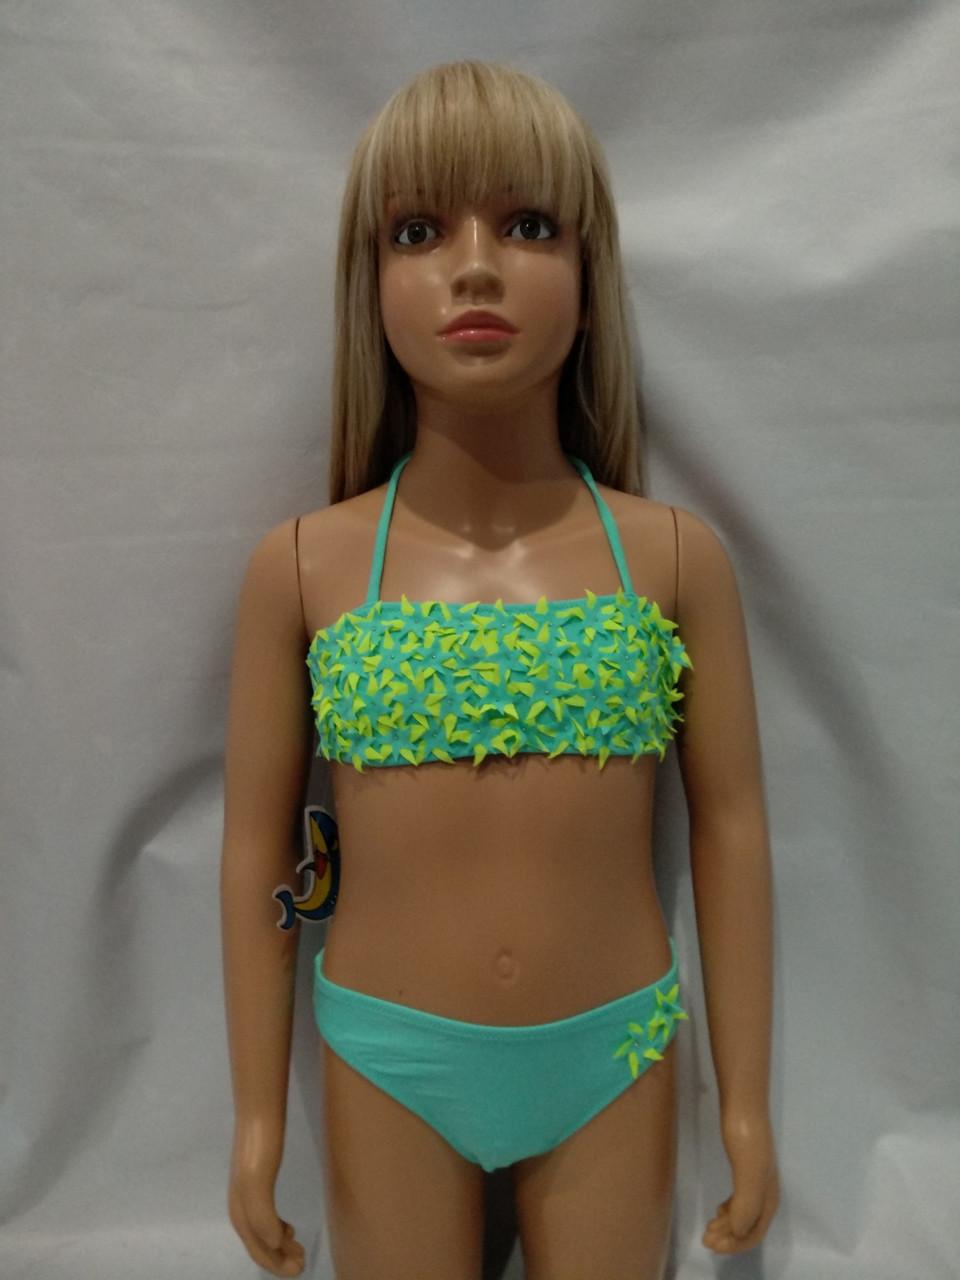 Купальник TERES   для девочек  Даринка 825   мята  (есть 4-6 лет/6-8 лет/ размеры)